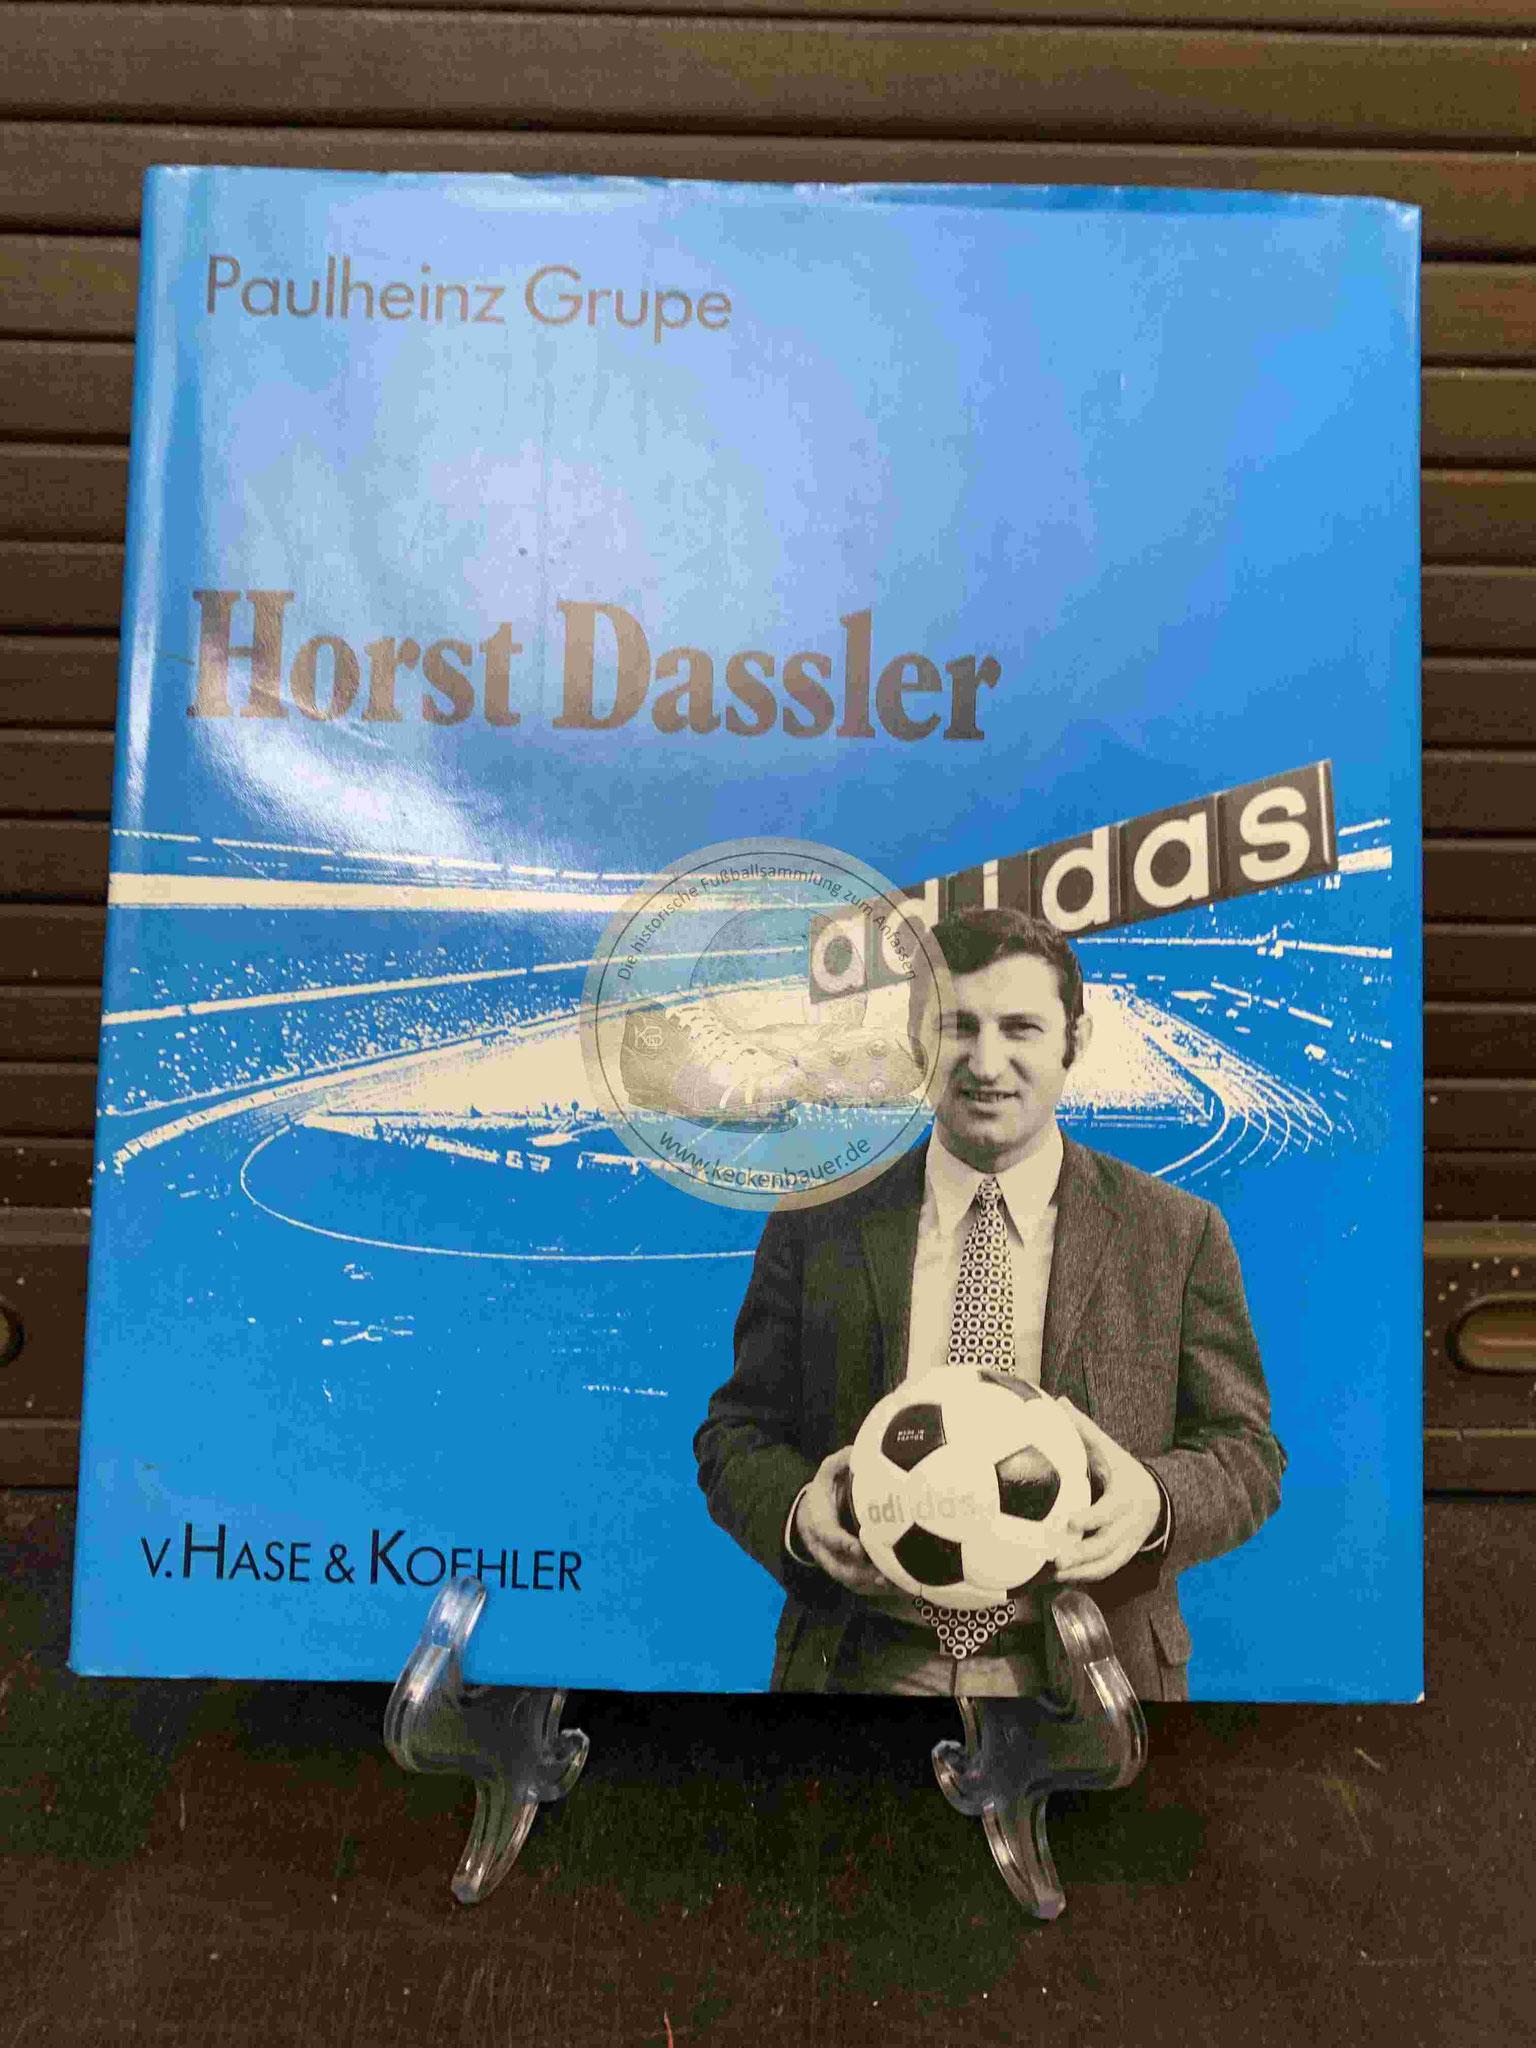 Paulheinz Grupe Horst Dassler v.Hase & Koehler aus dem Jahr 1992